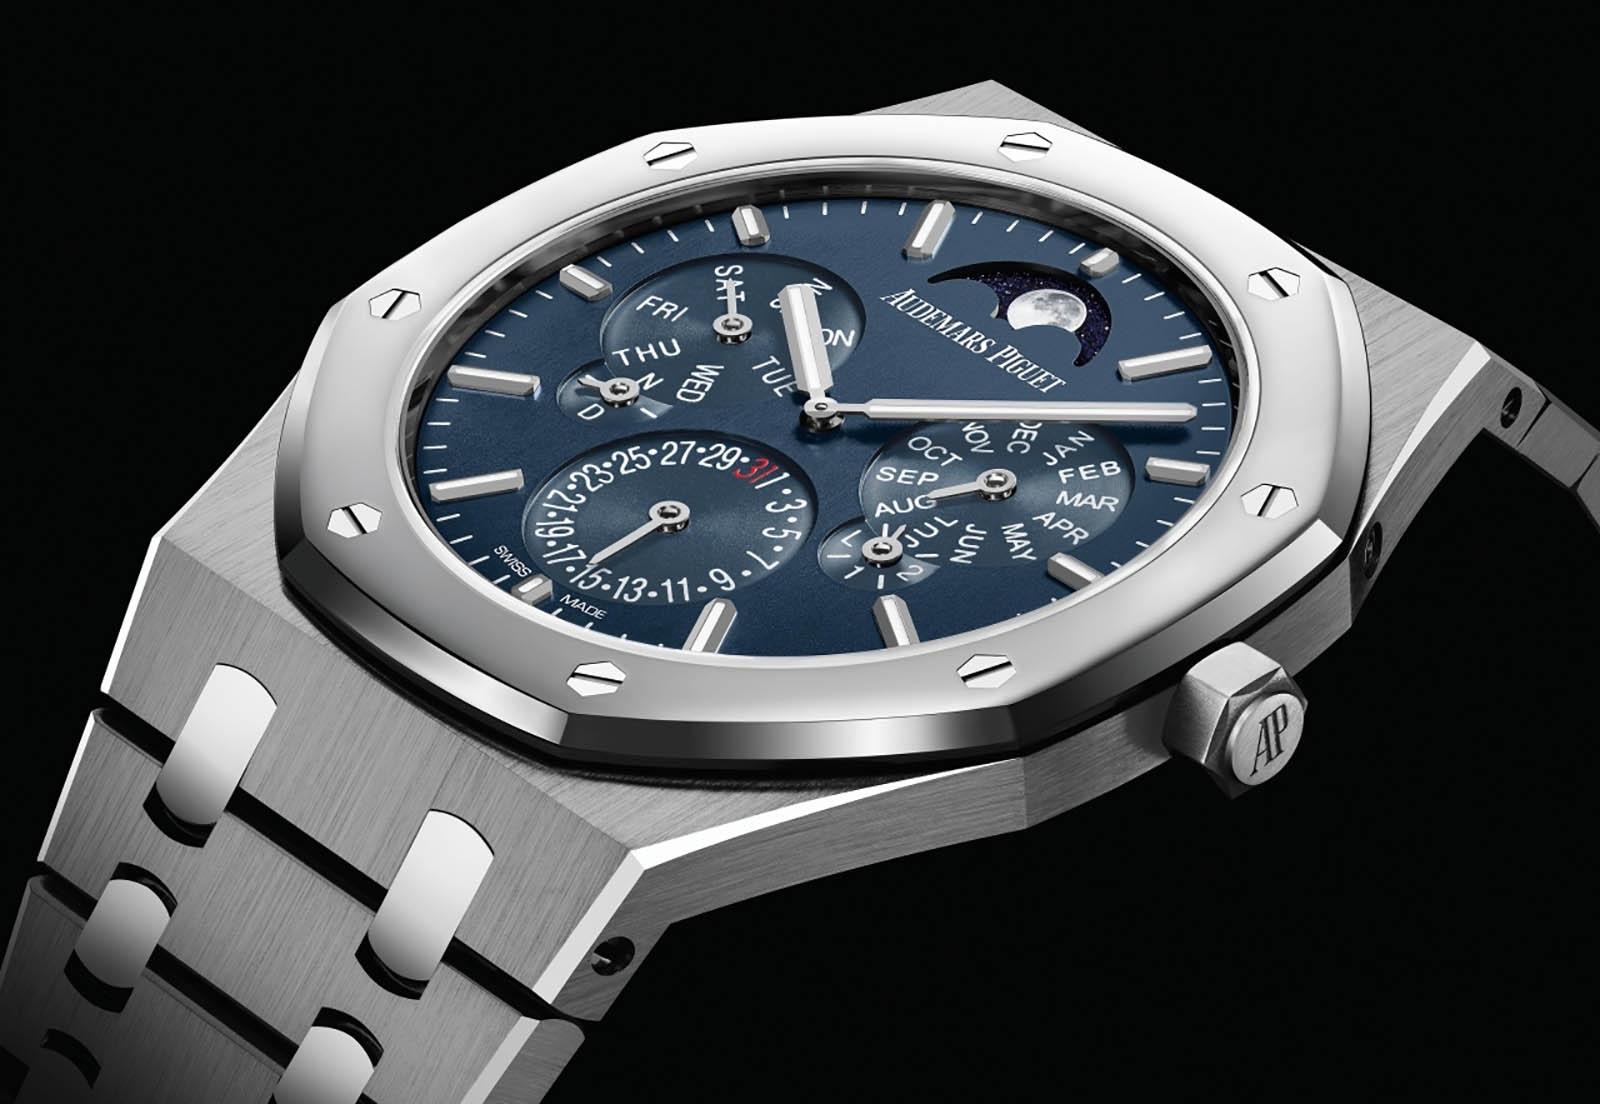 Продать б/у часы Audemars Piguet - Часовой ломбард Audemars Piguet